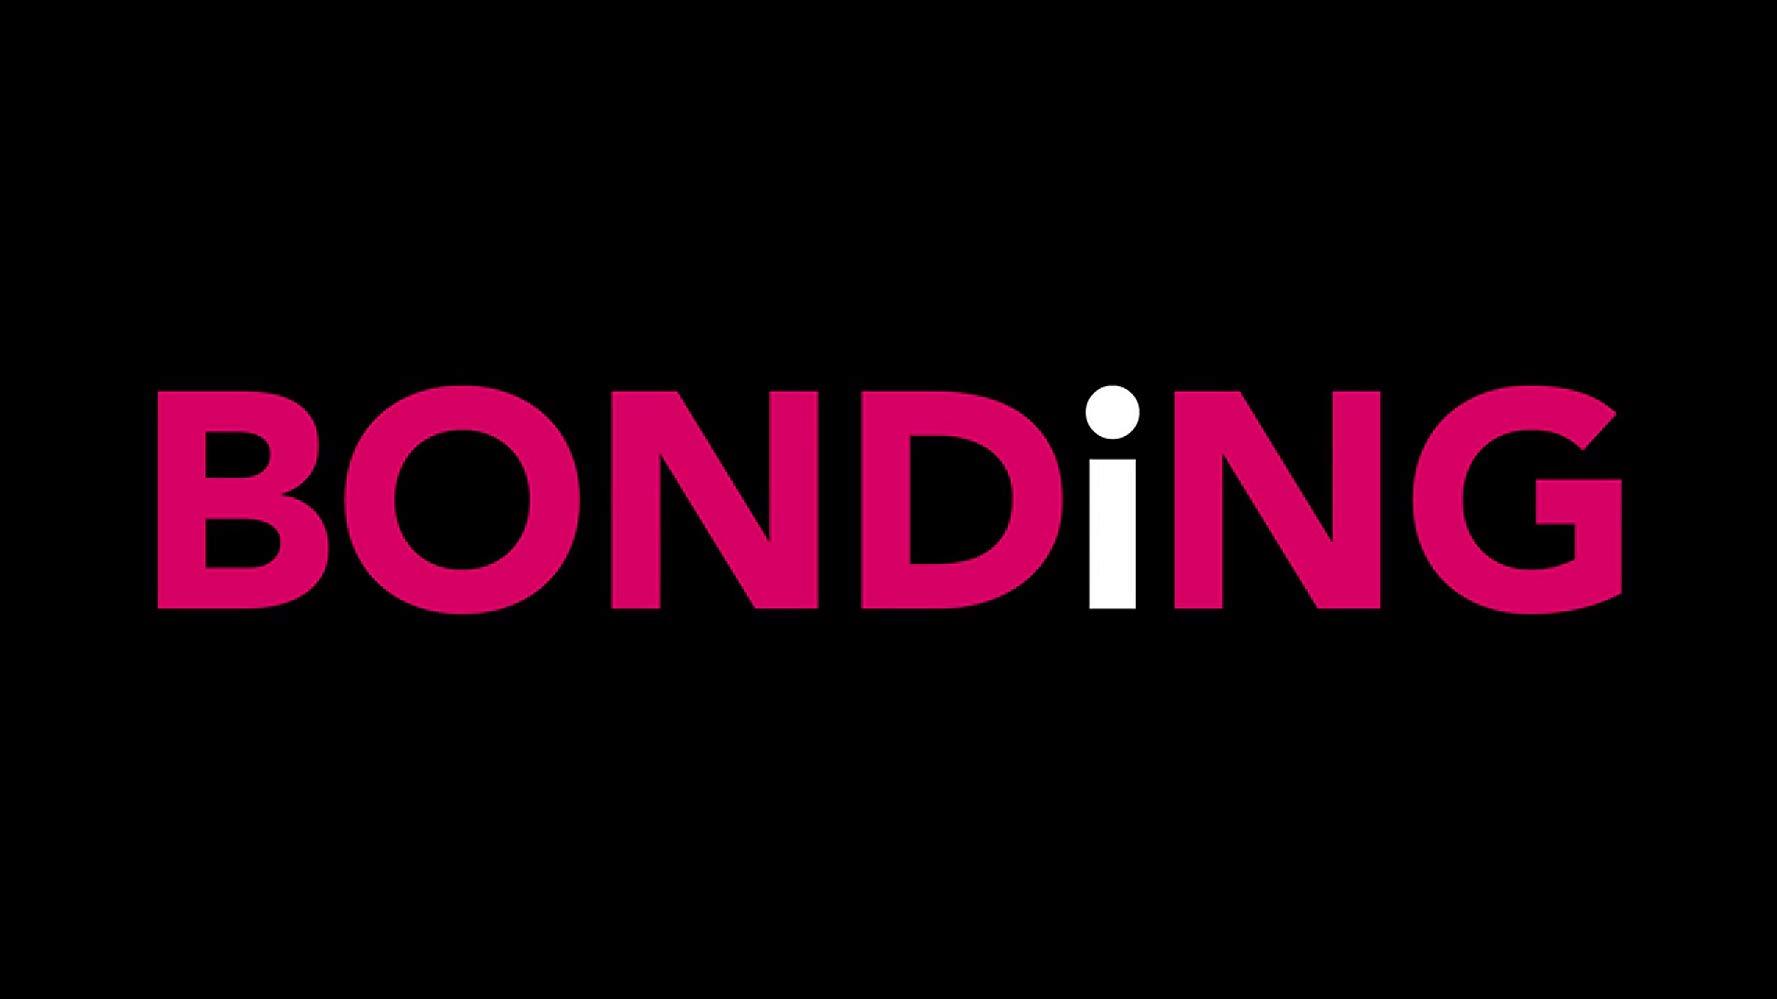 Bonding-netflix (6)